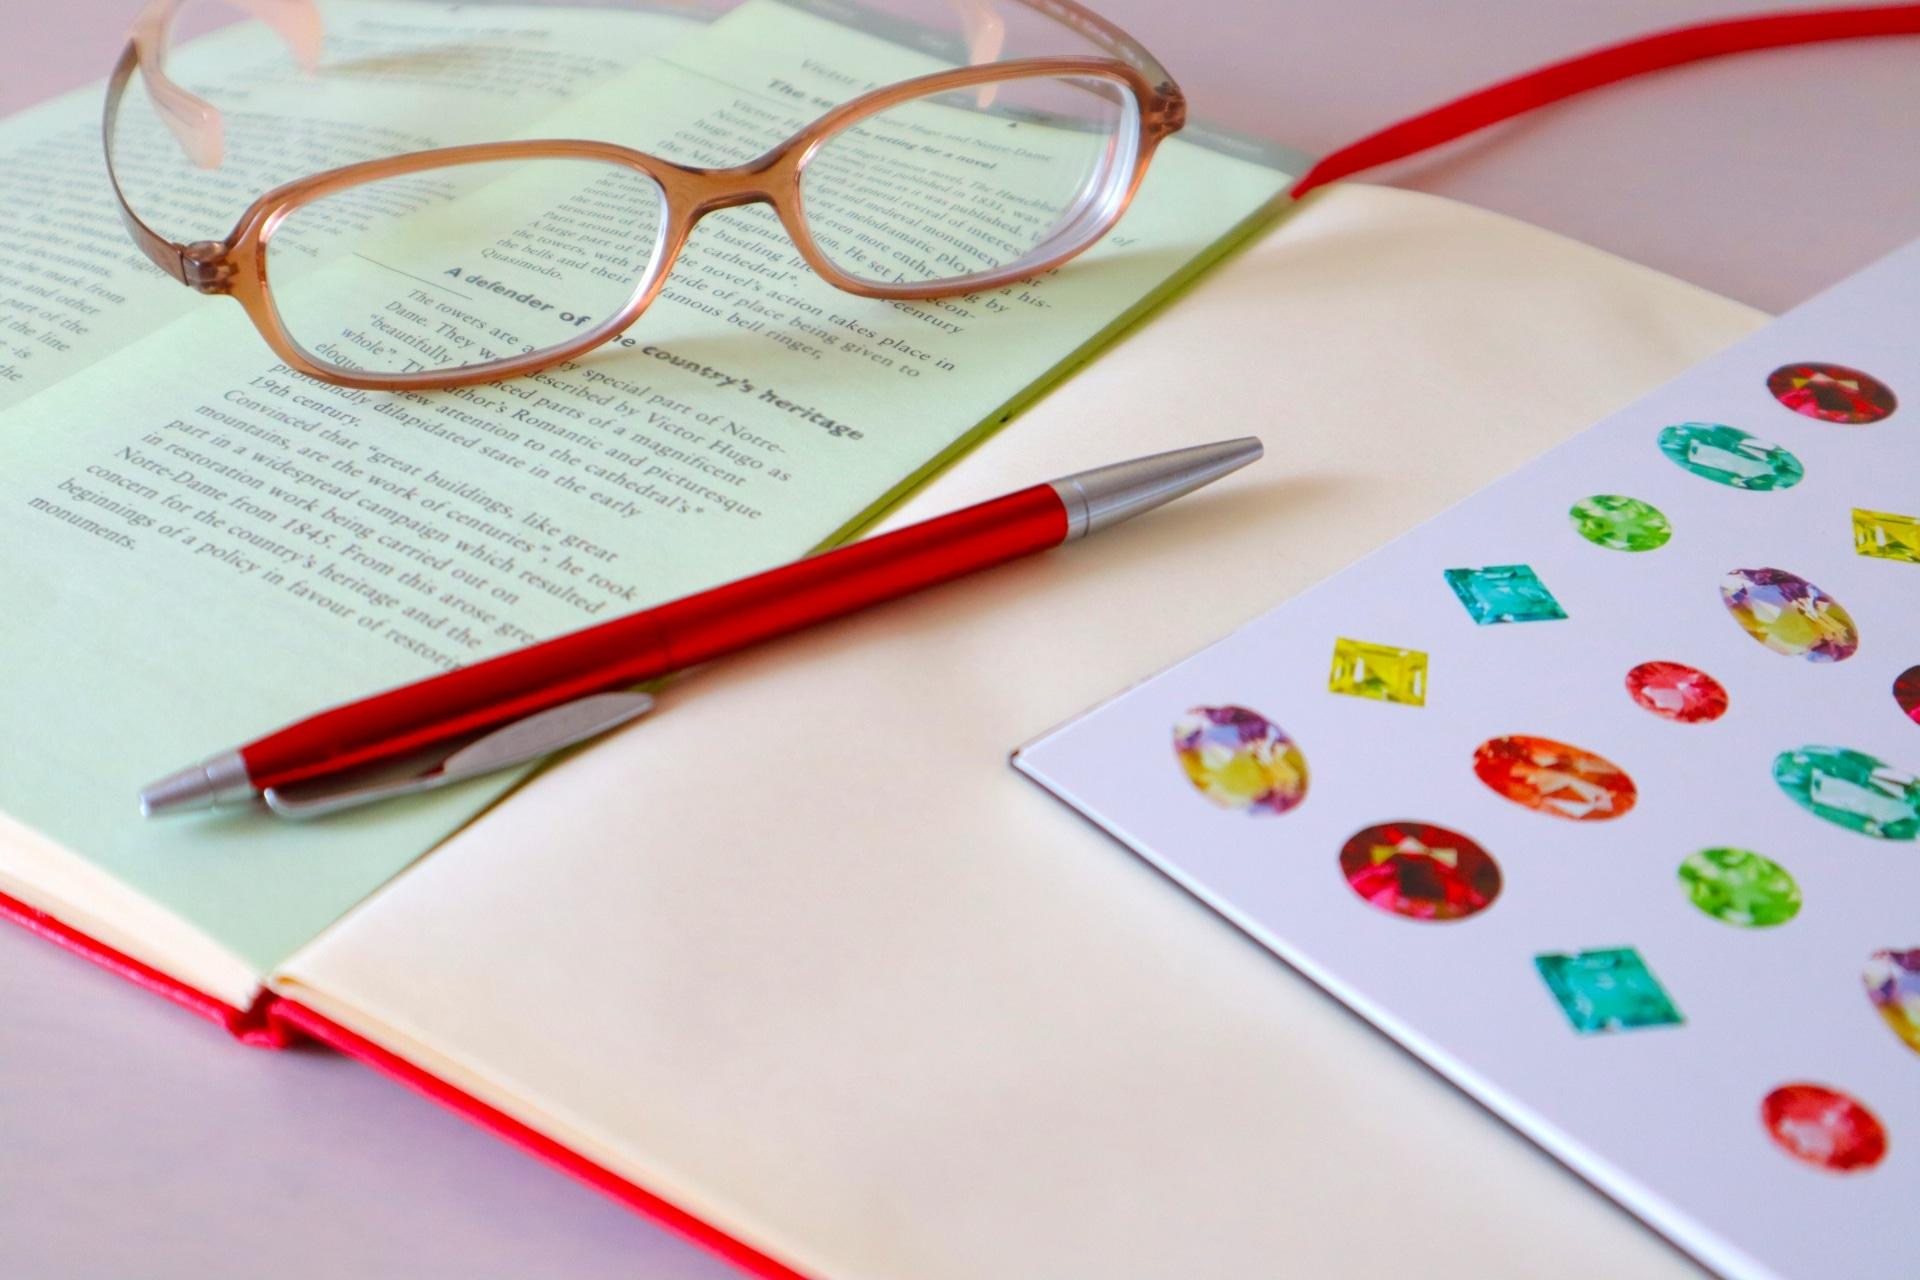 ペンとメガネ